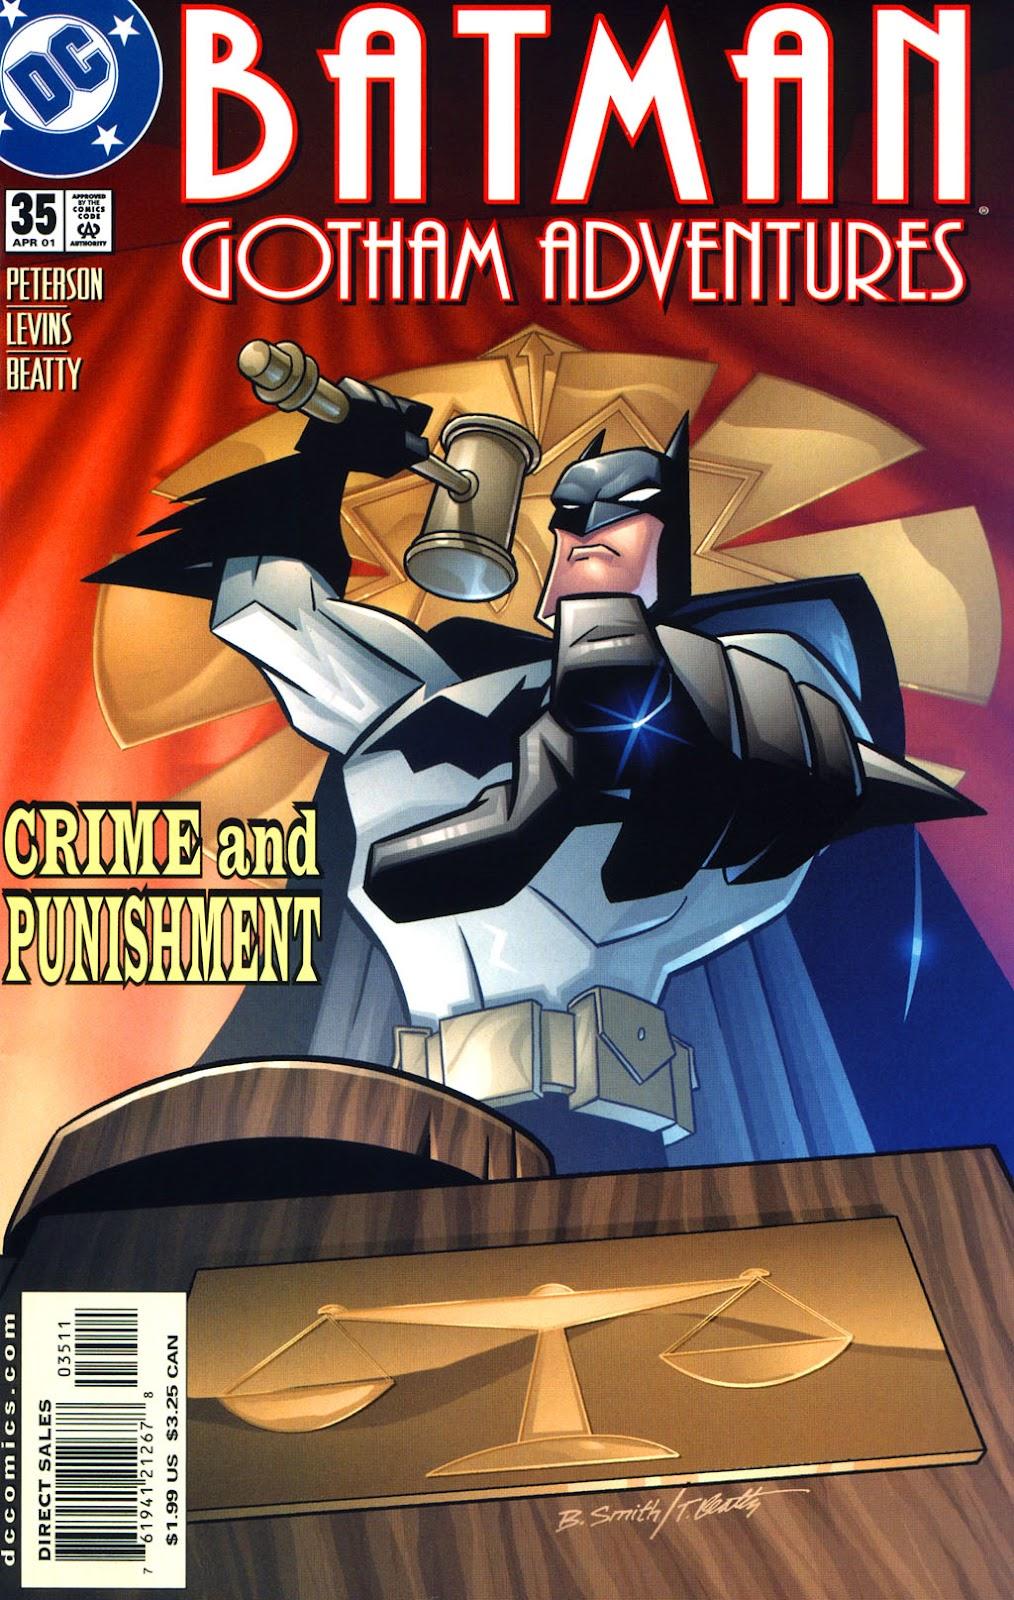 Batman: Gotham Adventures issue 35 - Page 1